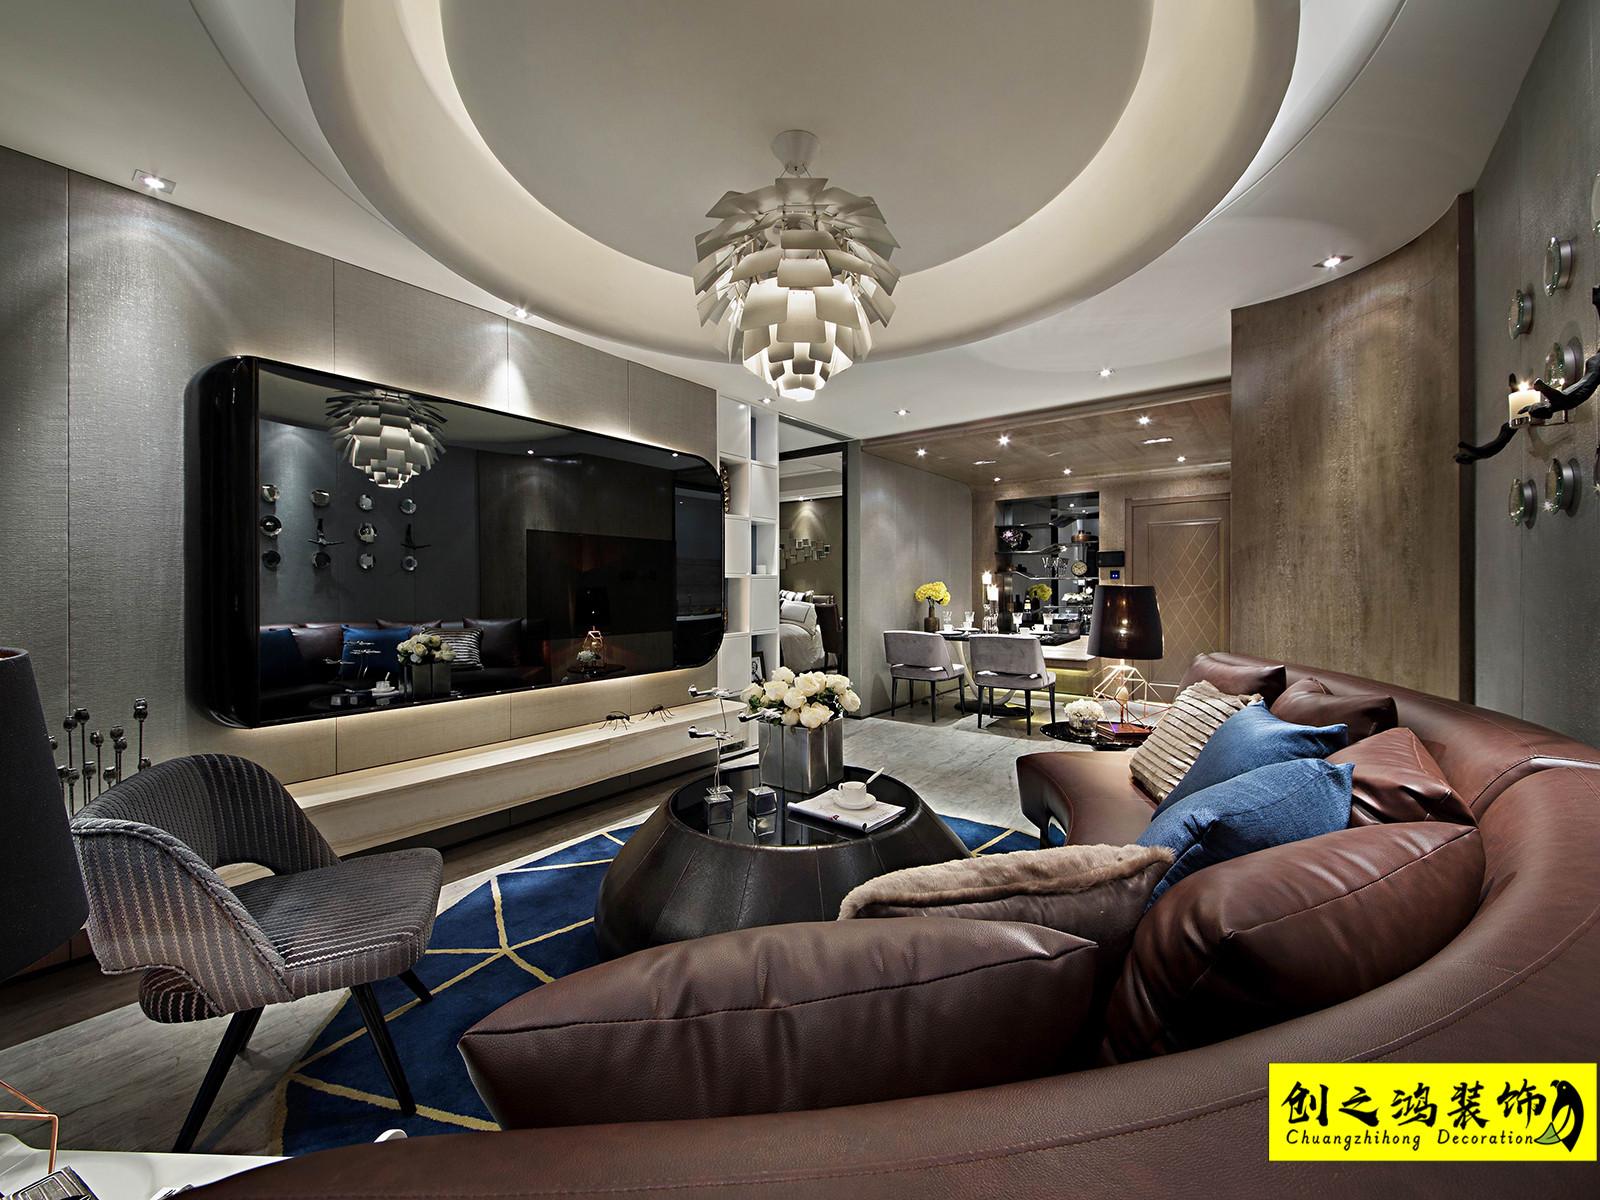 82㎡半湾半岛两室两厅现代简约风格装修效果图